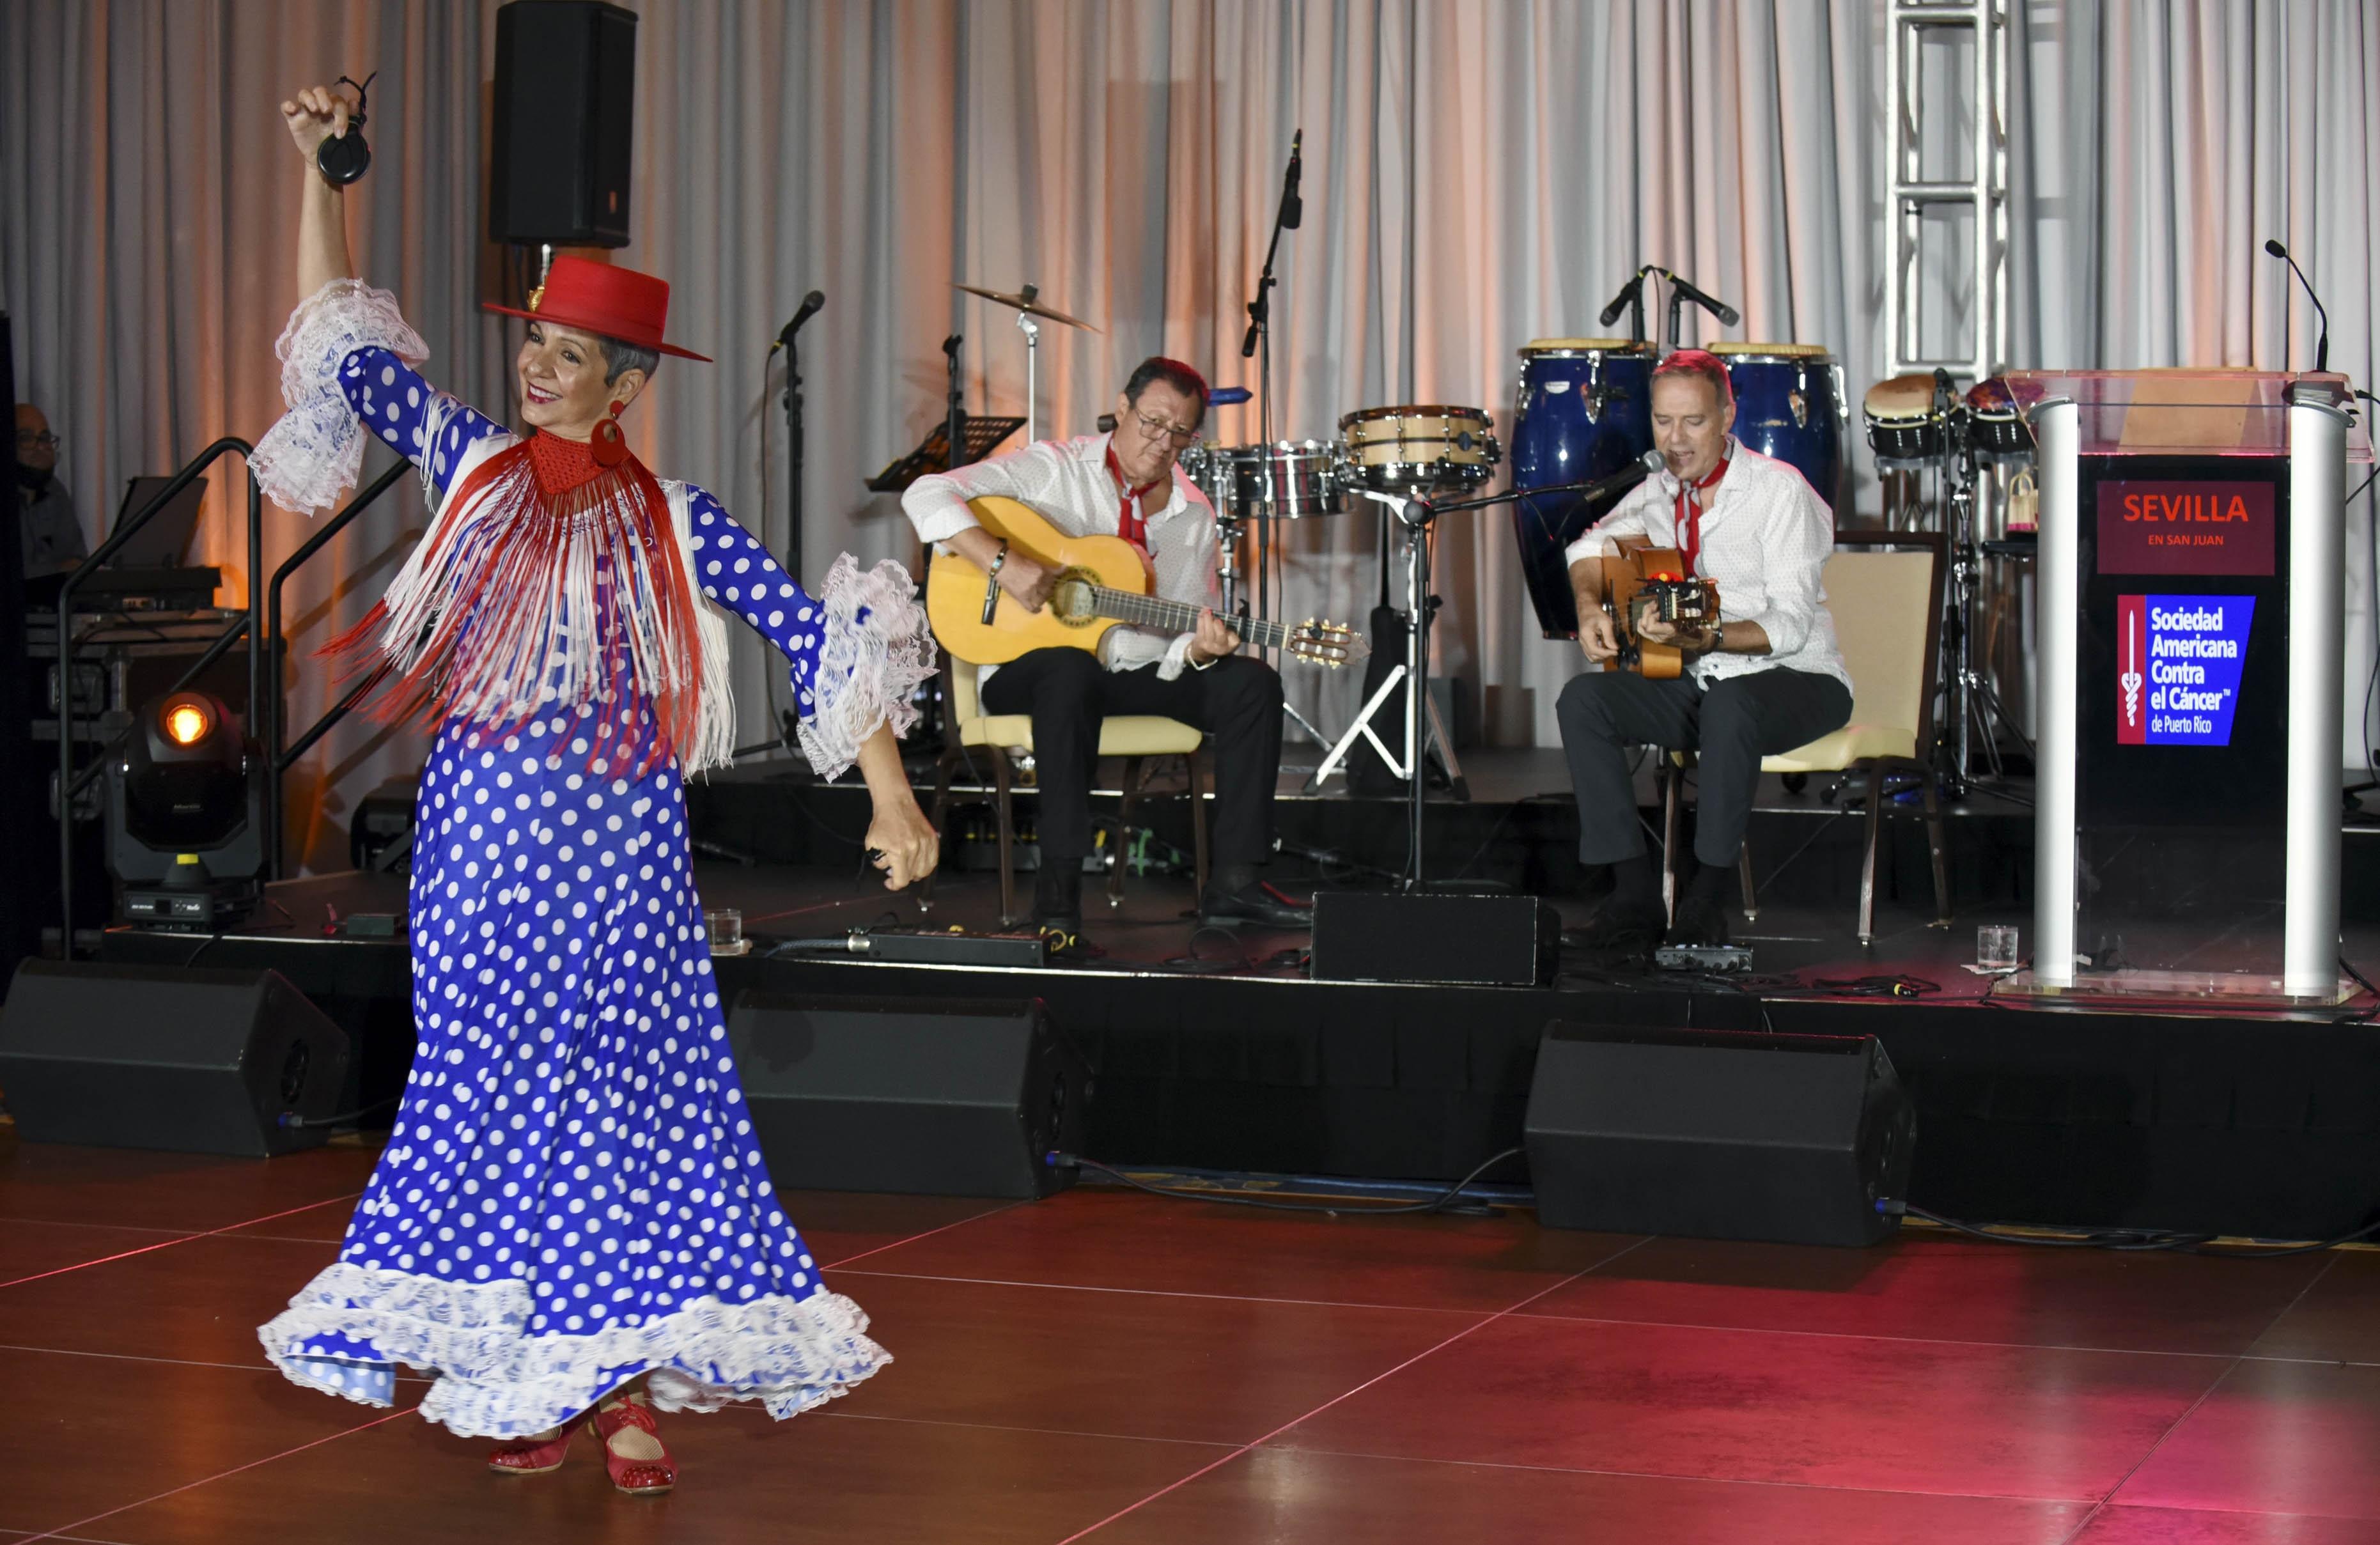 El evento celebrado en el Fairmont El San Juan Hotel   contó con un espectáculo artístico a cargo de Rumba Flamenca con Pepe y Tacatá. (Suministrada)